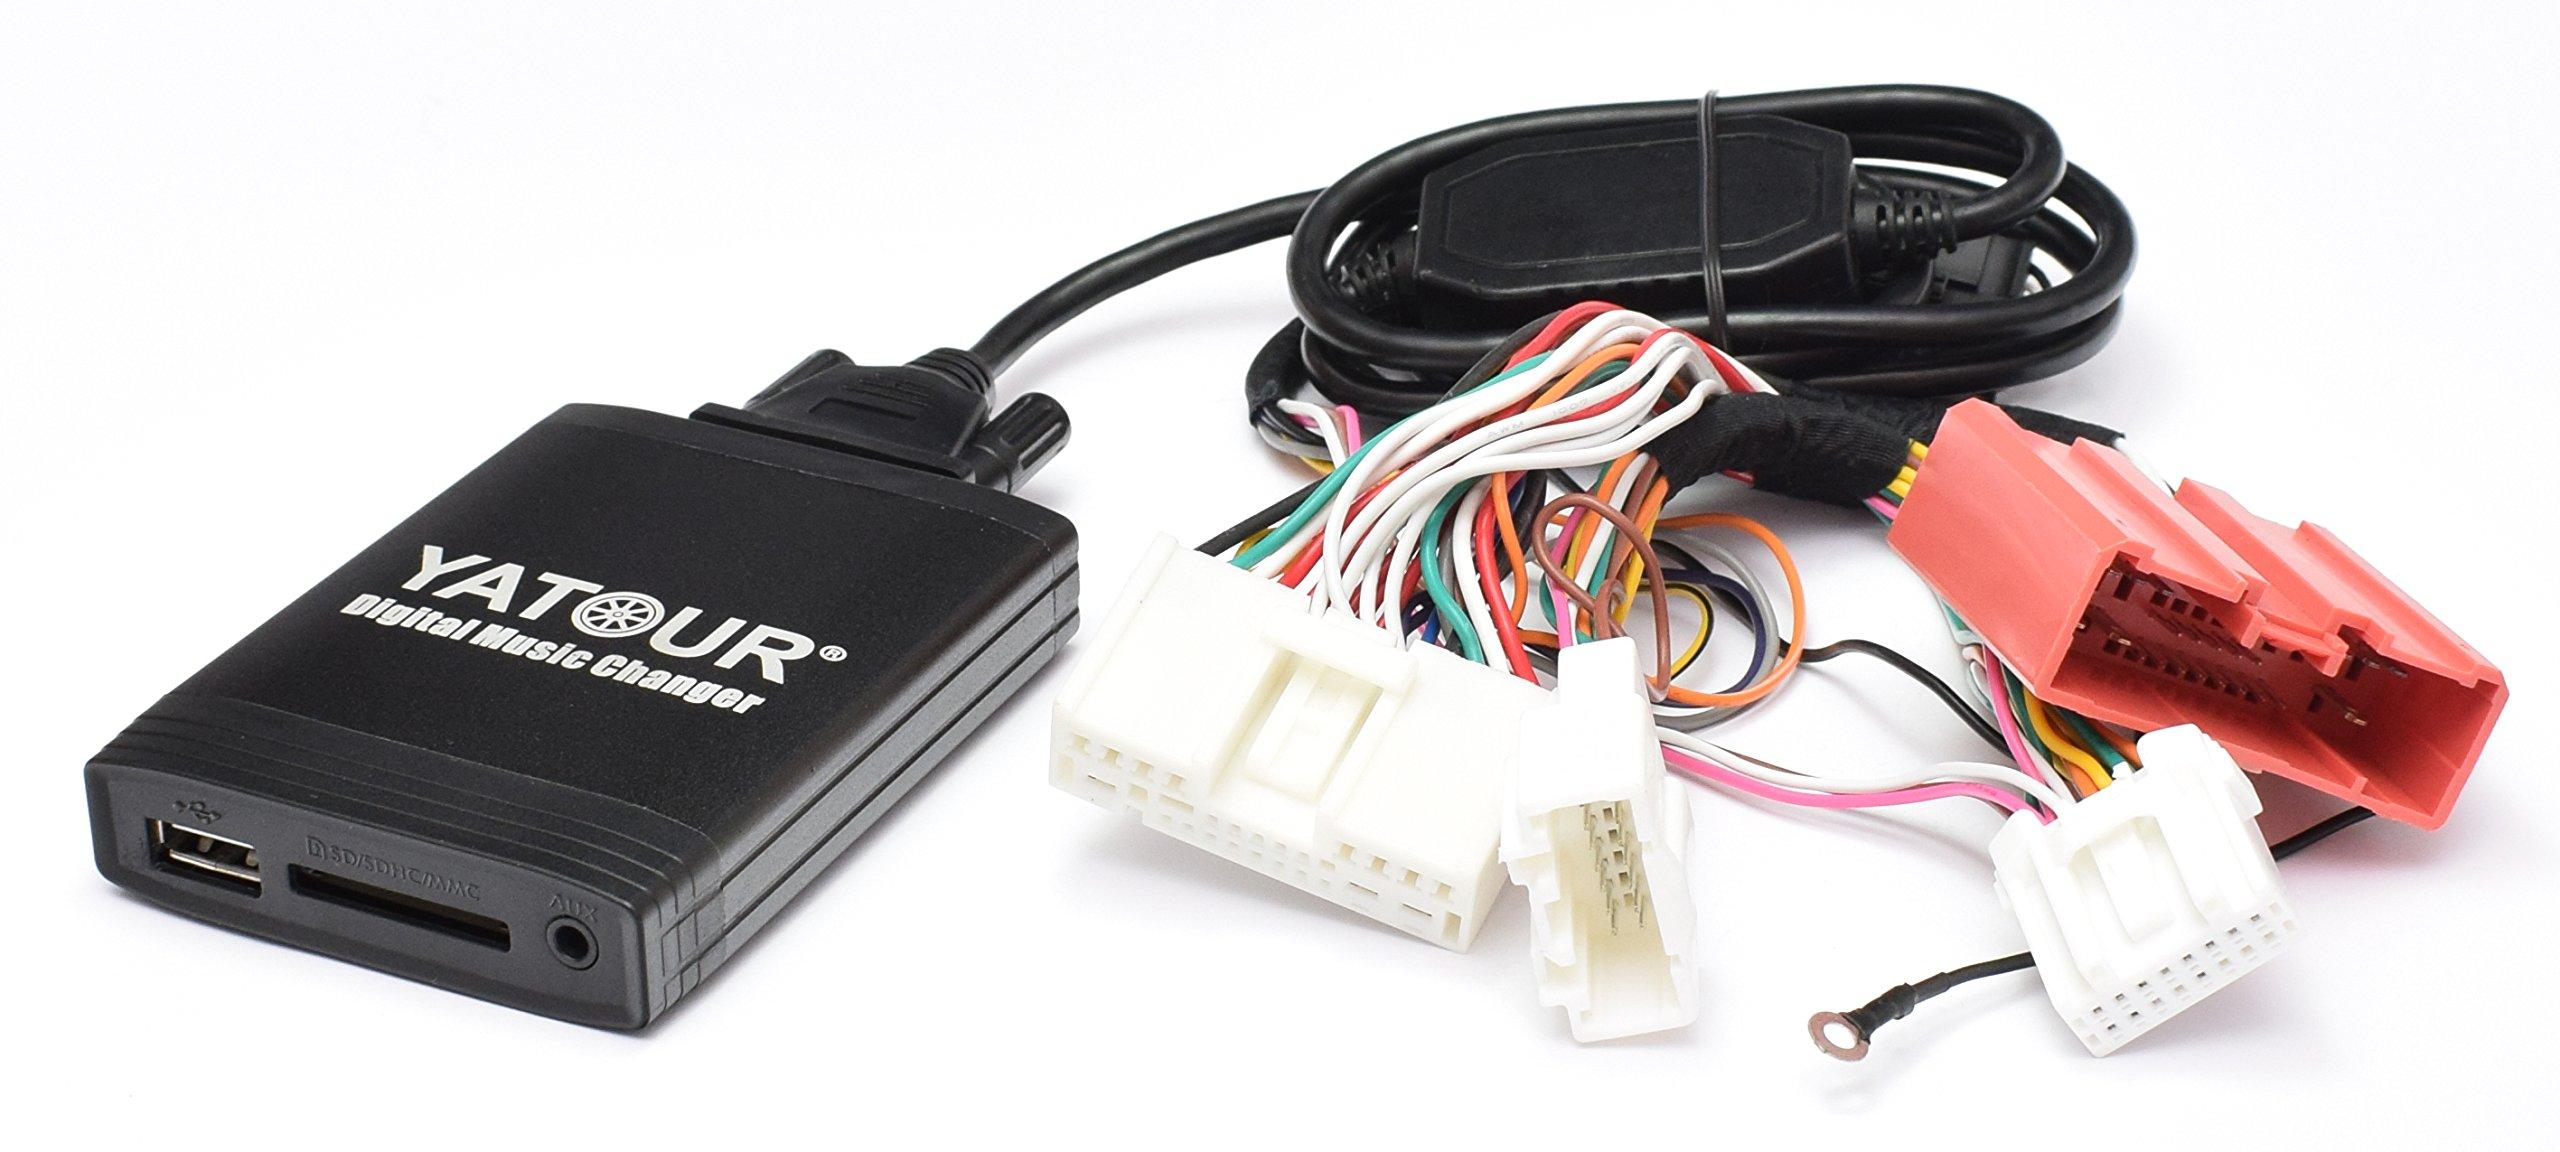 MPV Adattatore USB SD AUX MP3 per Mazda 323 3 BK fino al 12//05 RX8 Premacy dal 10//01 firmware a partire da 9.55, ecetto 9.81, 10.01 6 GG//GY//GH fino al 03//10 5 fino al 06//08 626 MX-5 NB//NC da 01 a 10//08 Demio dal 01//00 da 10//02